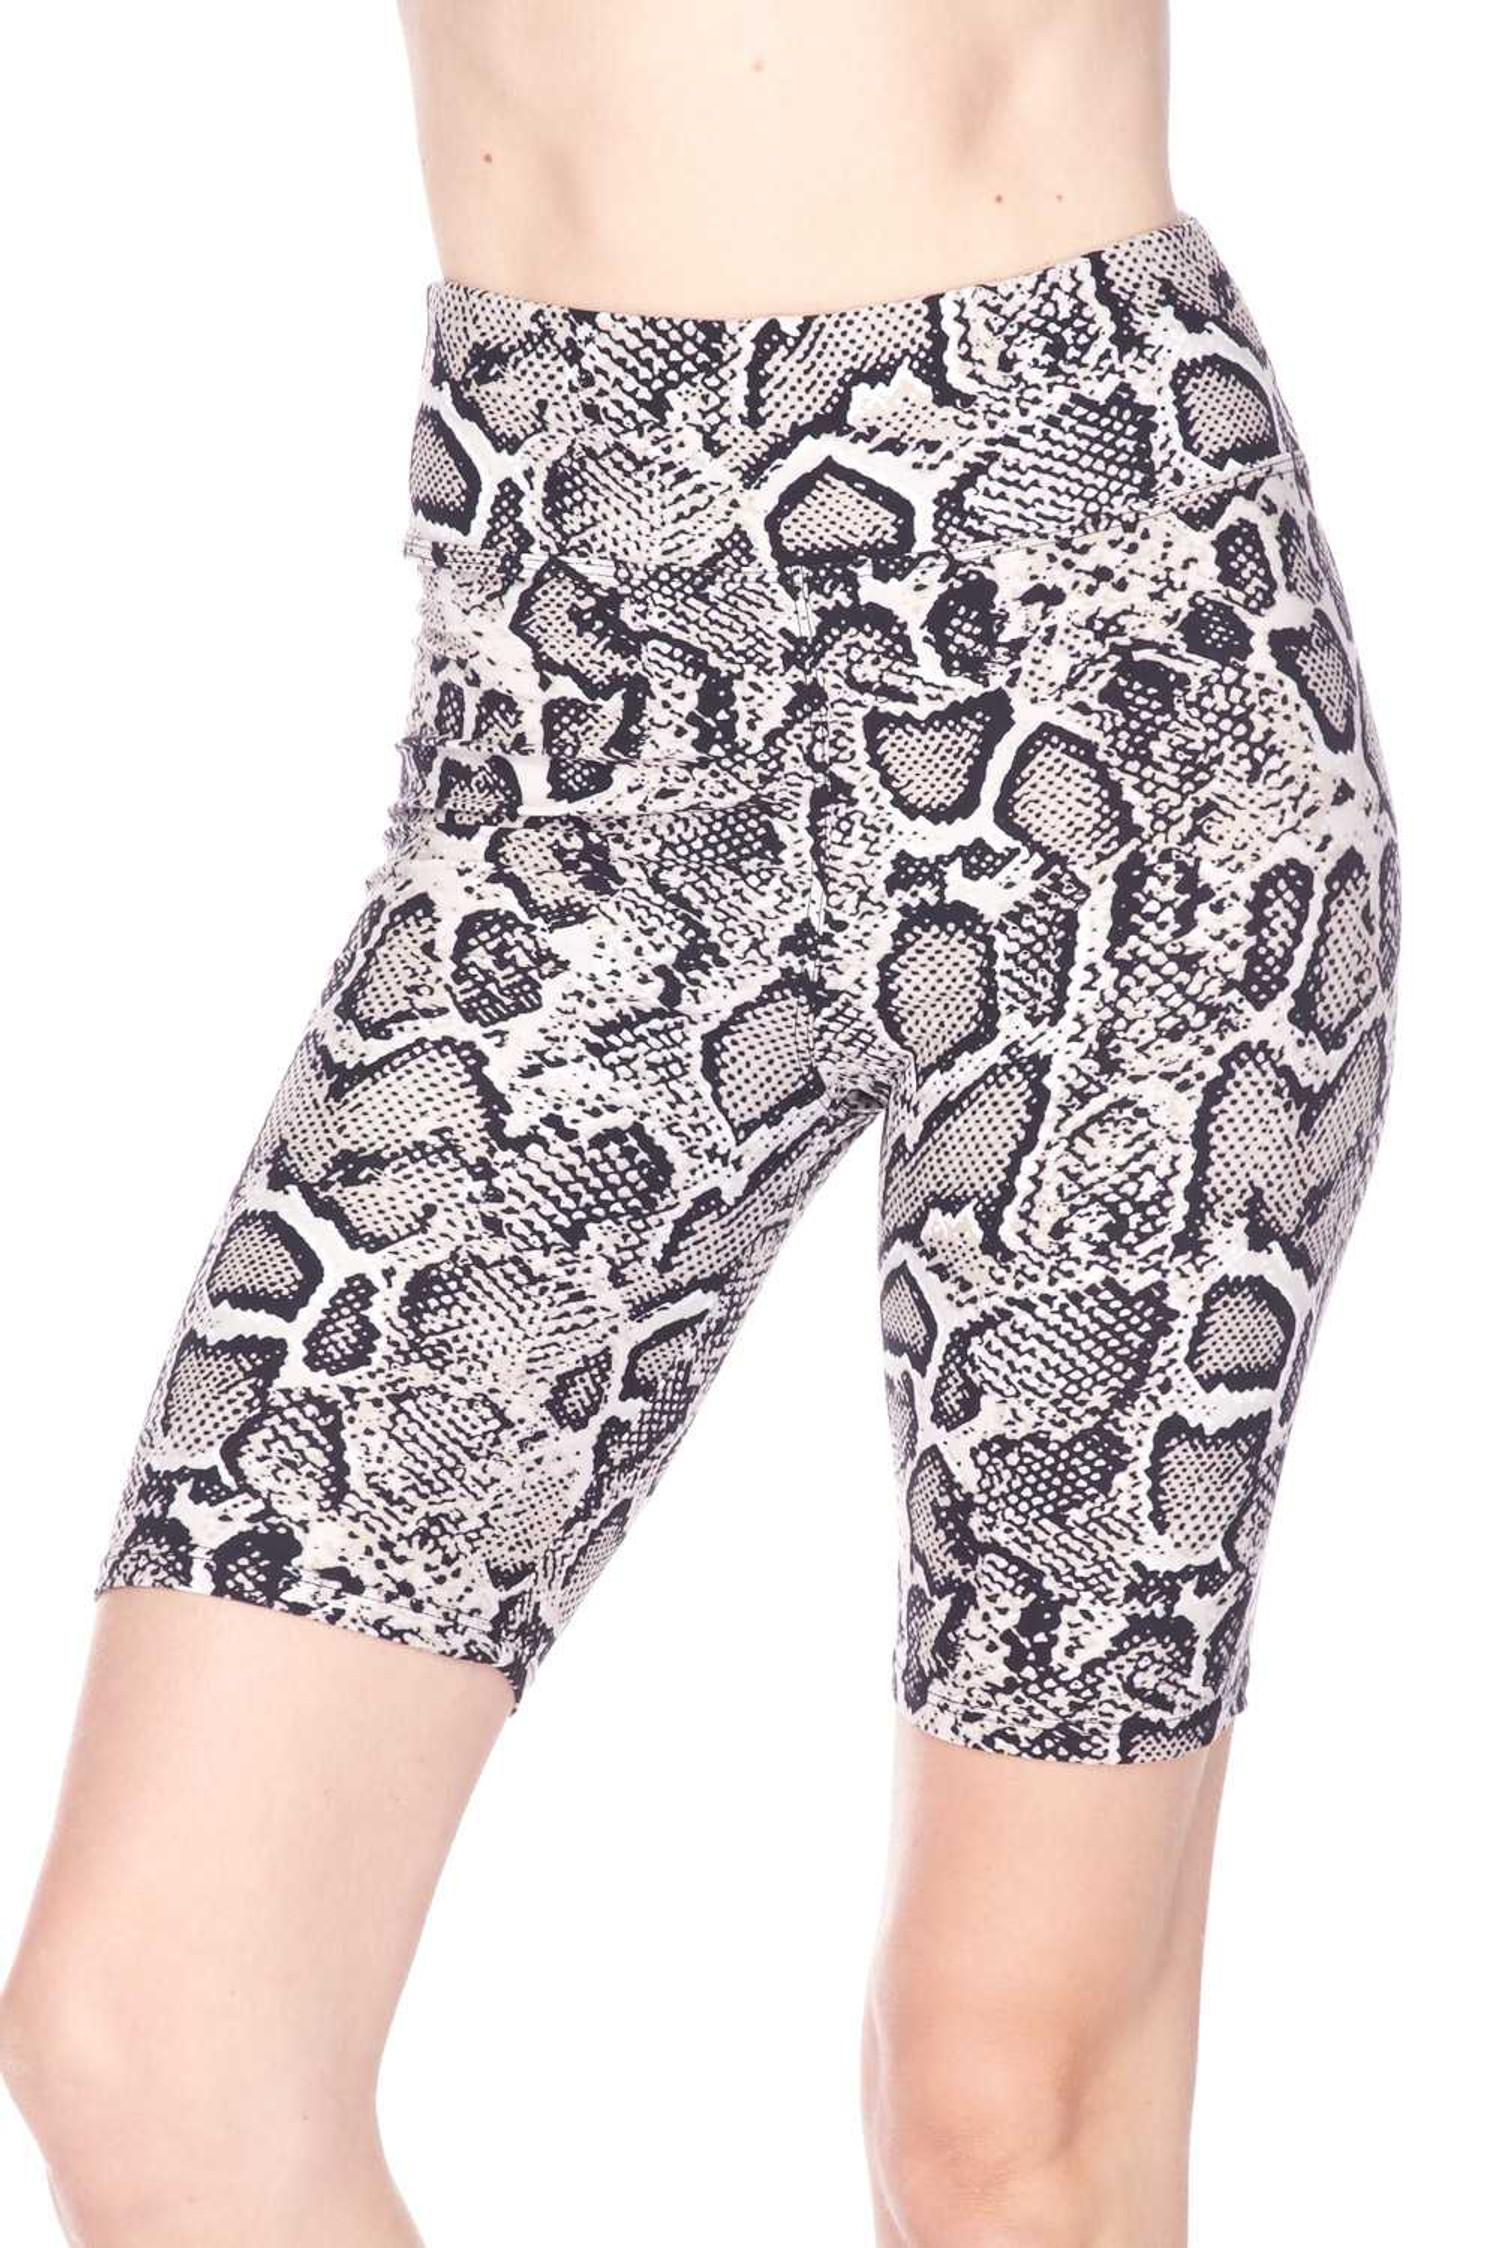 Brushed  Beige Boa Snakeskin Shorts